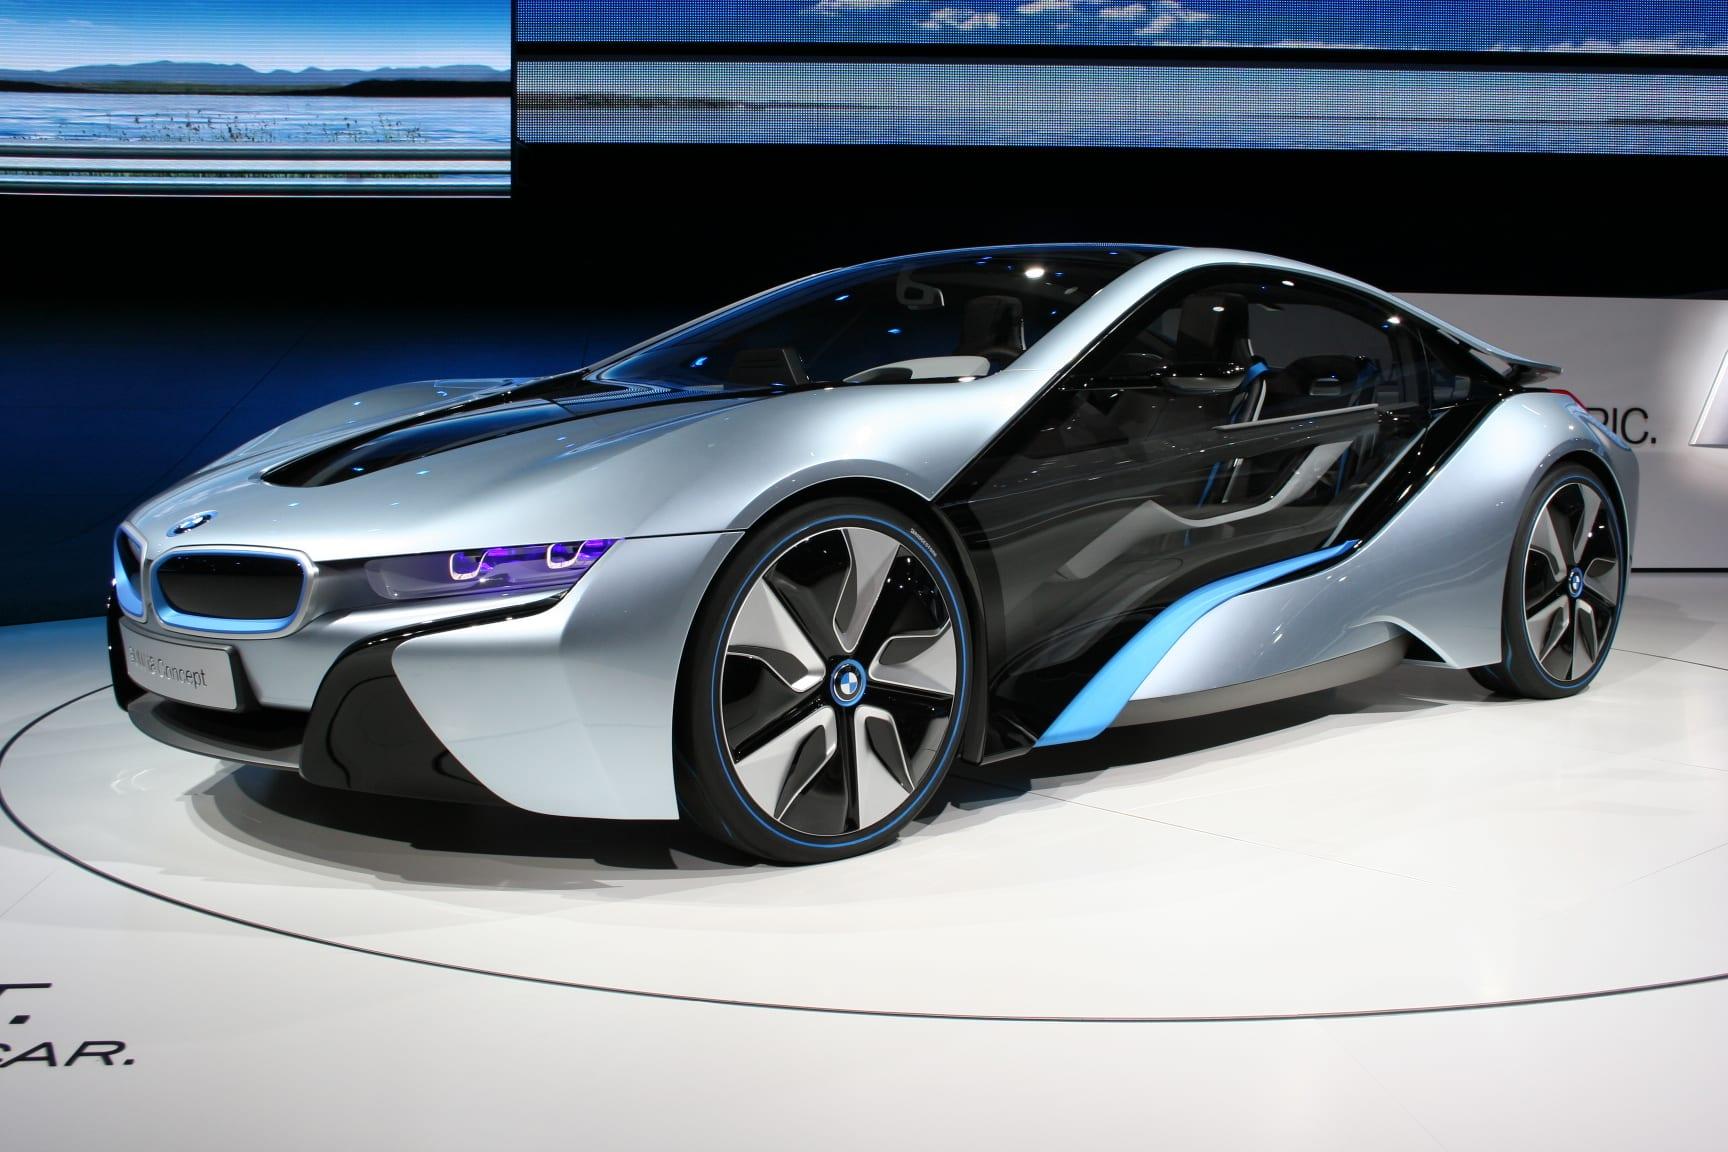 BMW i8 Concept Cars